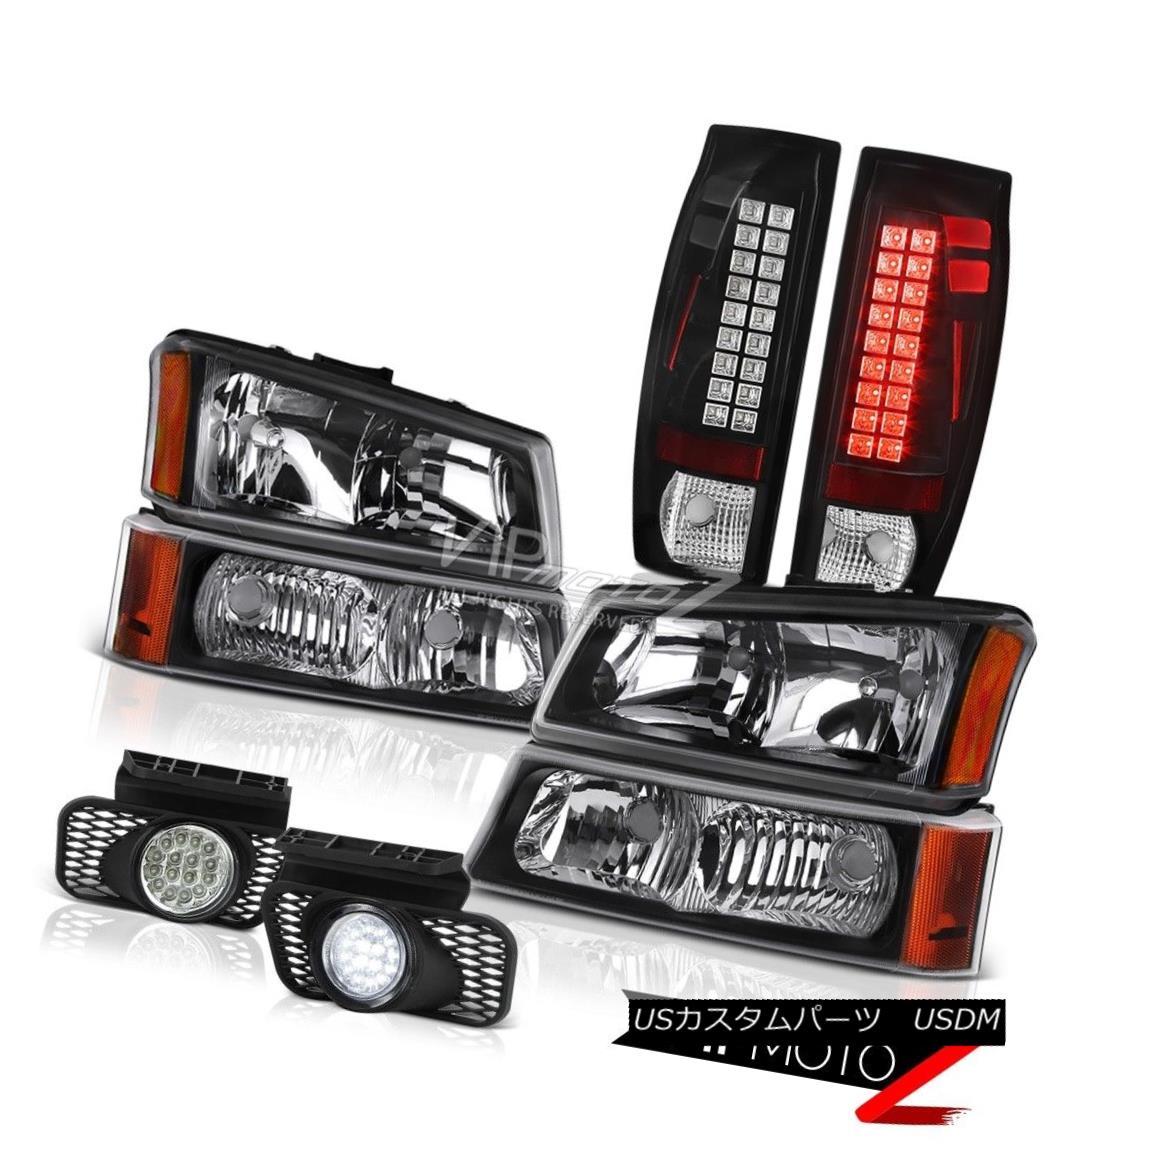 ヘッドライト 03-06 Chevy Avalanche Euro Clear Fog Lights Matte Black Rear Brake Headlights 03-06 Chevy Avalancheユーロクリアフォグライトマットブラックリアブレーキヘッドライト